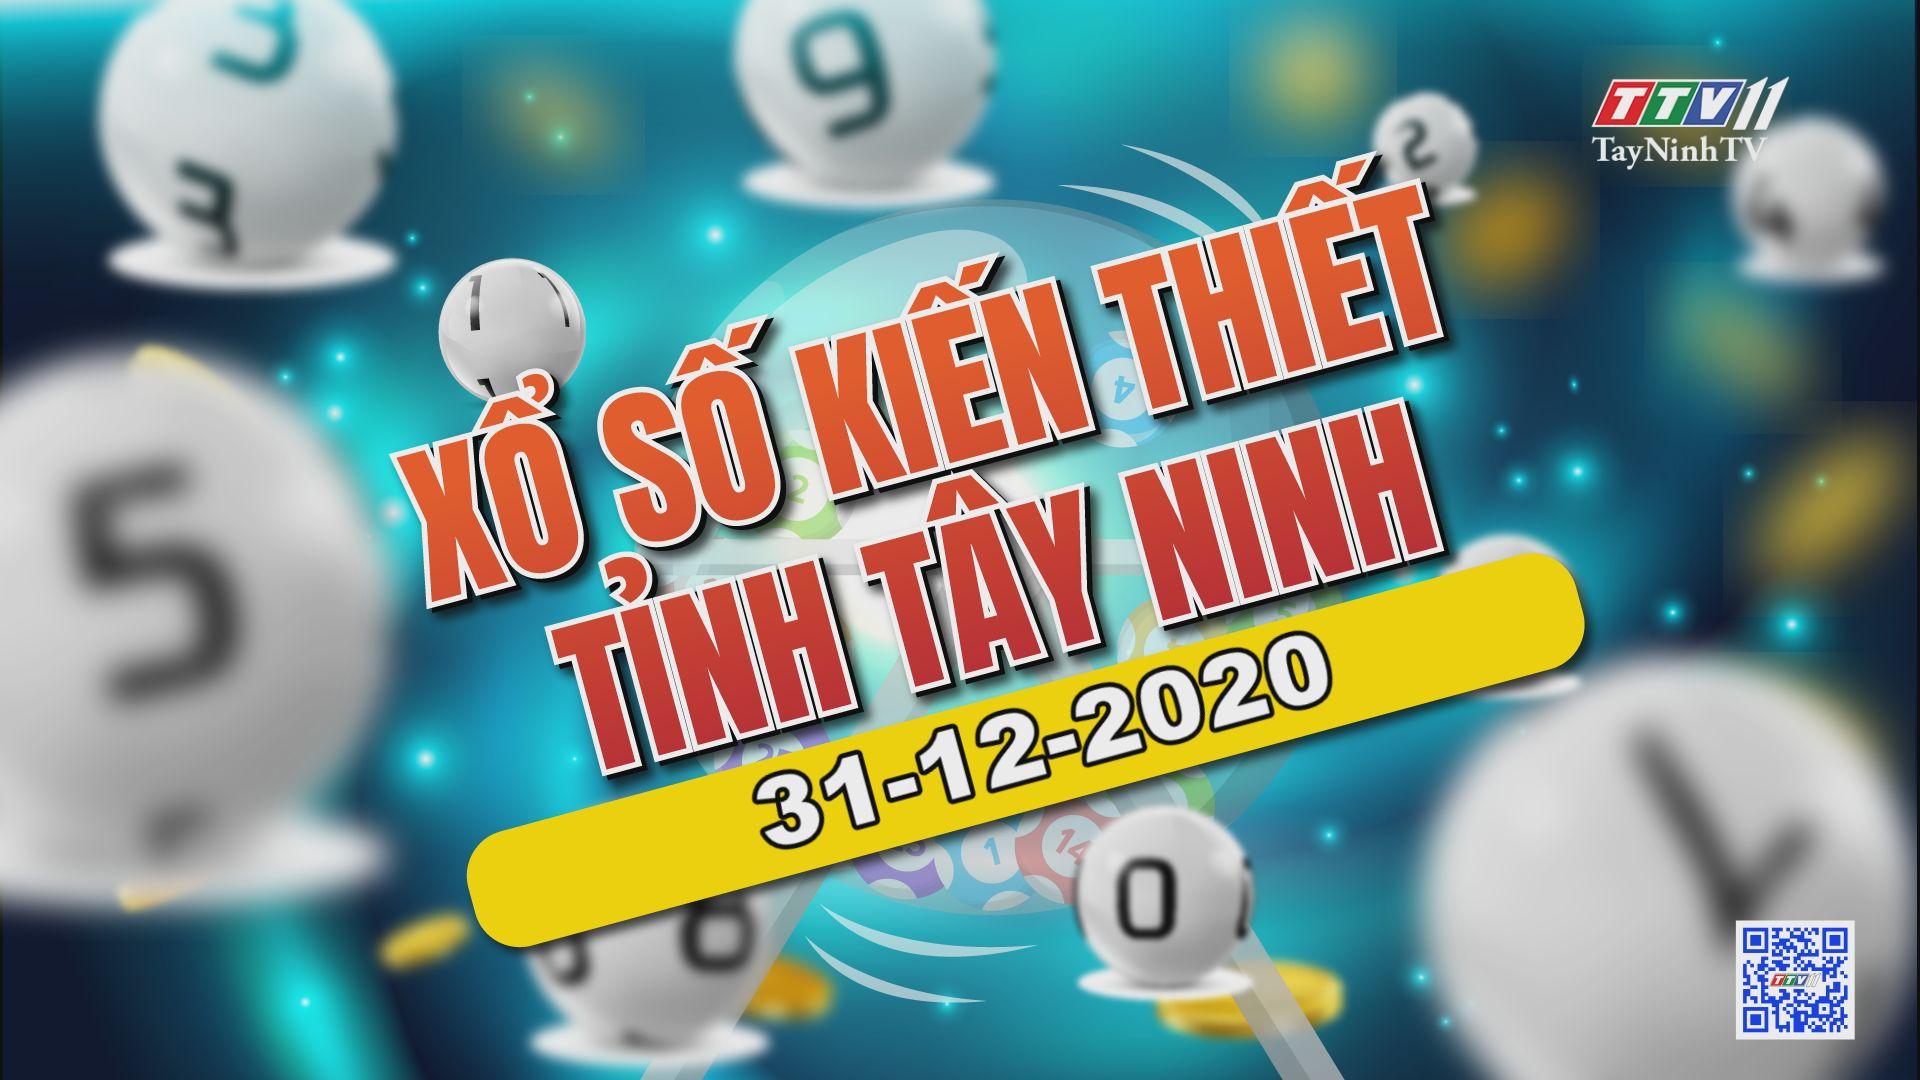 Trực tiếp Xổ số Tây Ninh ngày 31-12-2020 | TayNinhTV